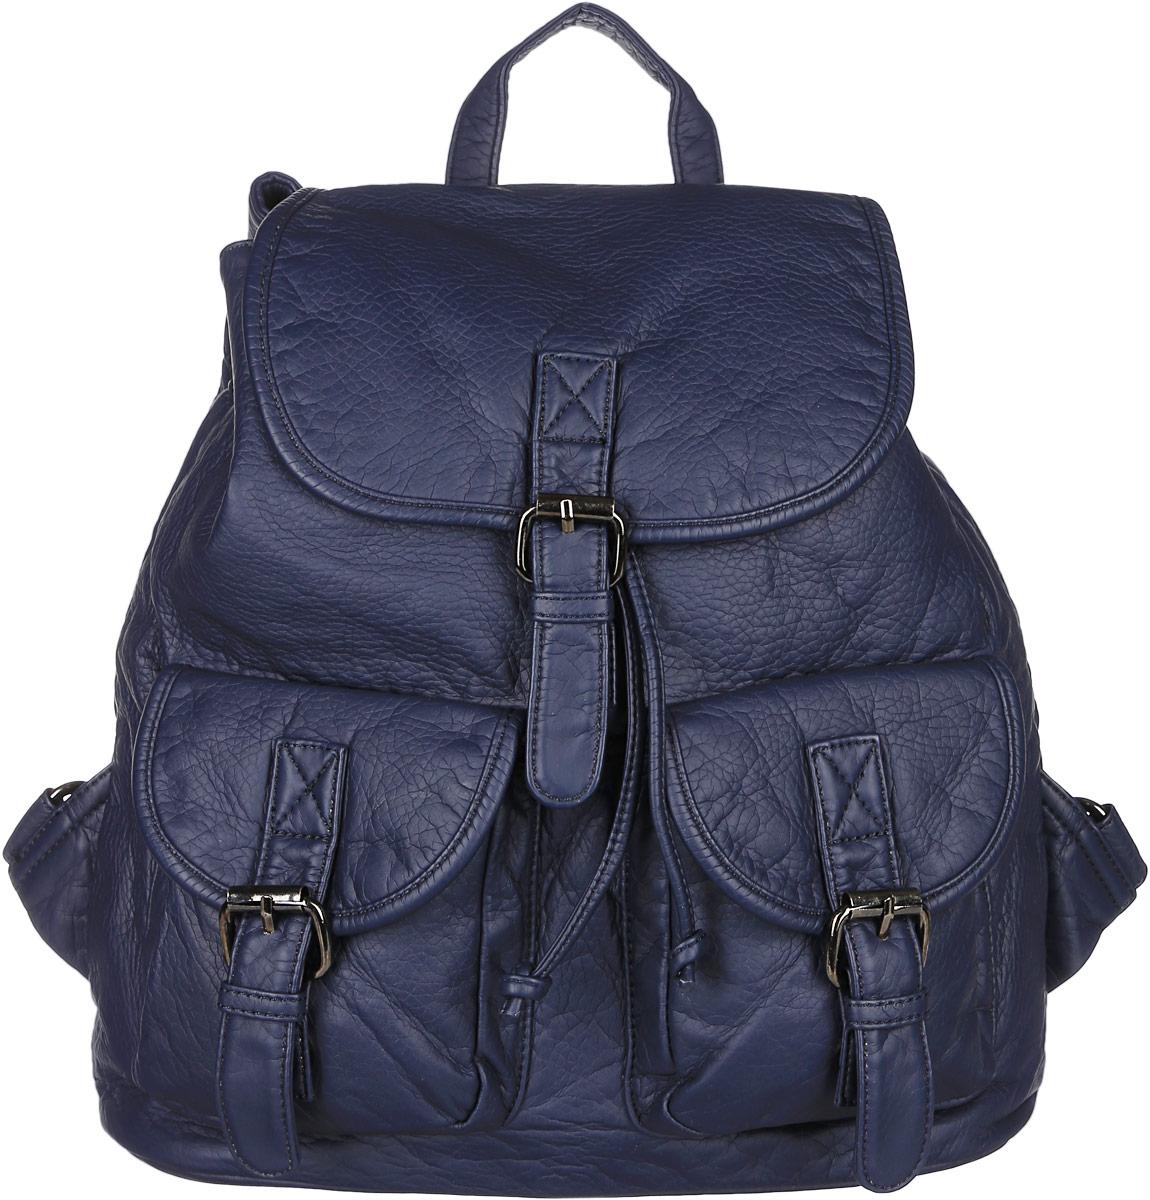 Рюкзак женский Janes Story, цвет: темно-синий. TW-8915-60S76245Стильный женский рюкзак Janes Story выполнен из искусственной кожи. Изделие содержит отделение, закрывающееся с помощью затягивающего шнурка с фиксатором и клапана с магнитным замком. Внутри расположены: два накладных кармана для мелочей и два кармана на молнии. Спереди рюкзак дополнен двумя карманами, которые застегиваются при помощи хлястиков с пряжками, сзади прорезным карманом на молнии. Рюкзак оснащен удобными лямками регулируемой длины, а также петлей для подвешивания. Оригинальный аксессуар позволит вам завершить образ и быть неотразимой.